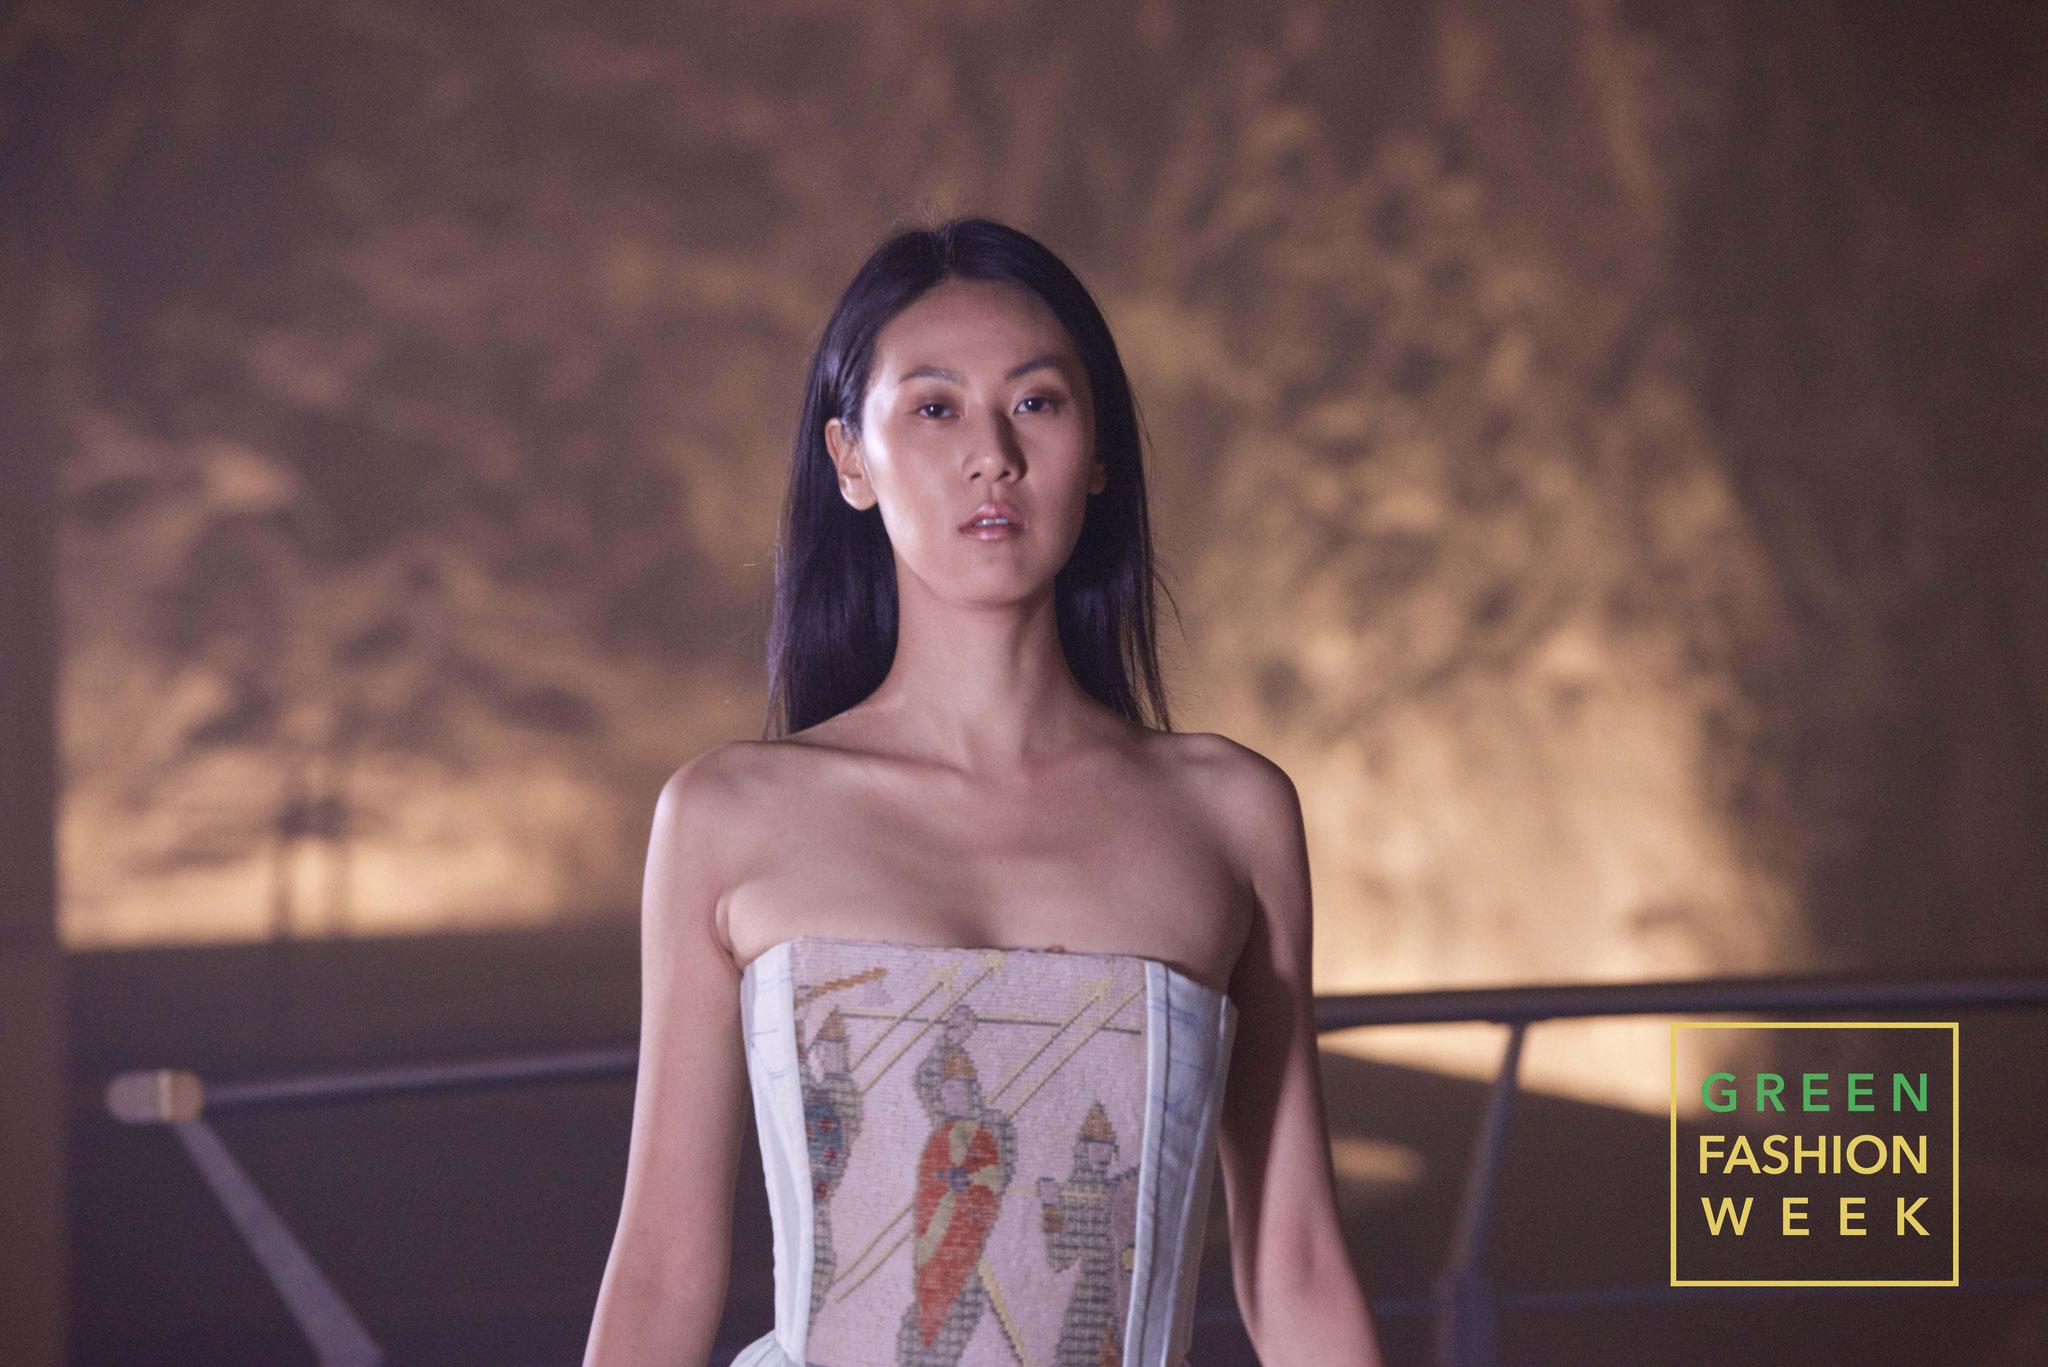 Model Jia Qin Xiao x Prophetik. Photo Credit: Jurg Hunziker | www.yakay.com